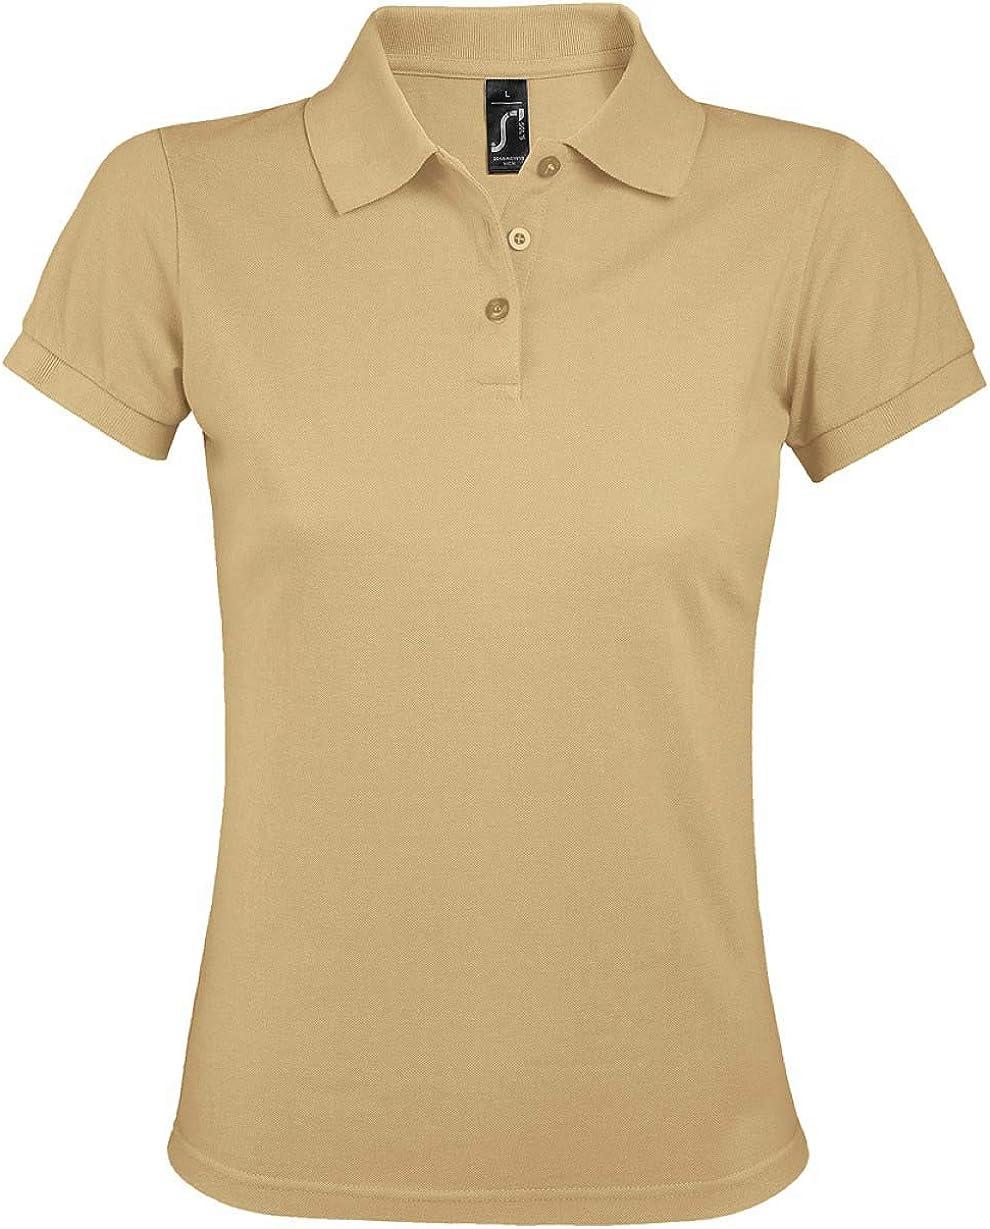 SOL'S Womens Prime Poly/Cotton Pique Polo Shirt